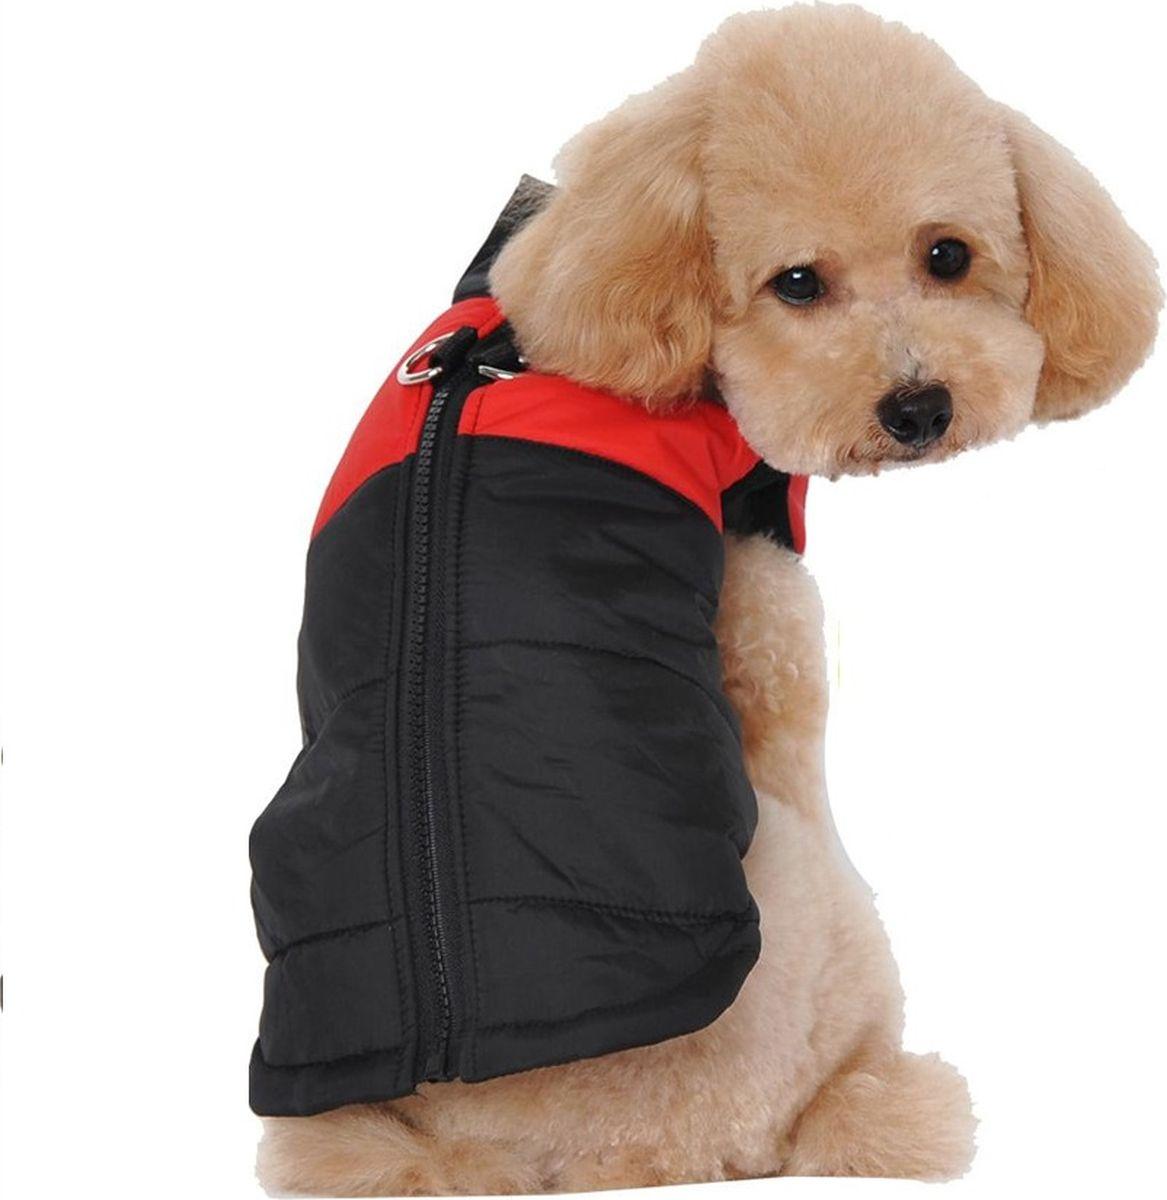 Жилет для собак  Fidget Go , цвет: черный, красный, водонепроницаемый, унисекс. Размер XL - Одежда, обувь, украшения - Одежда